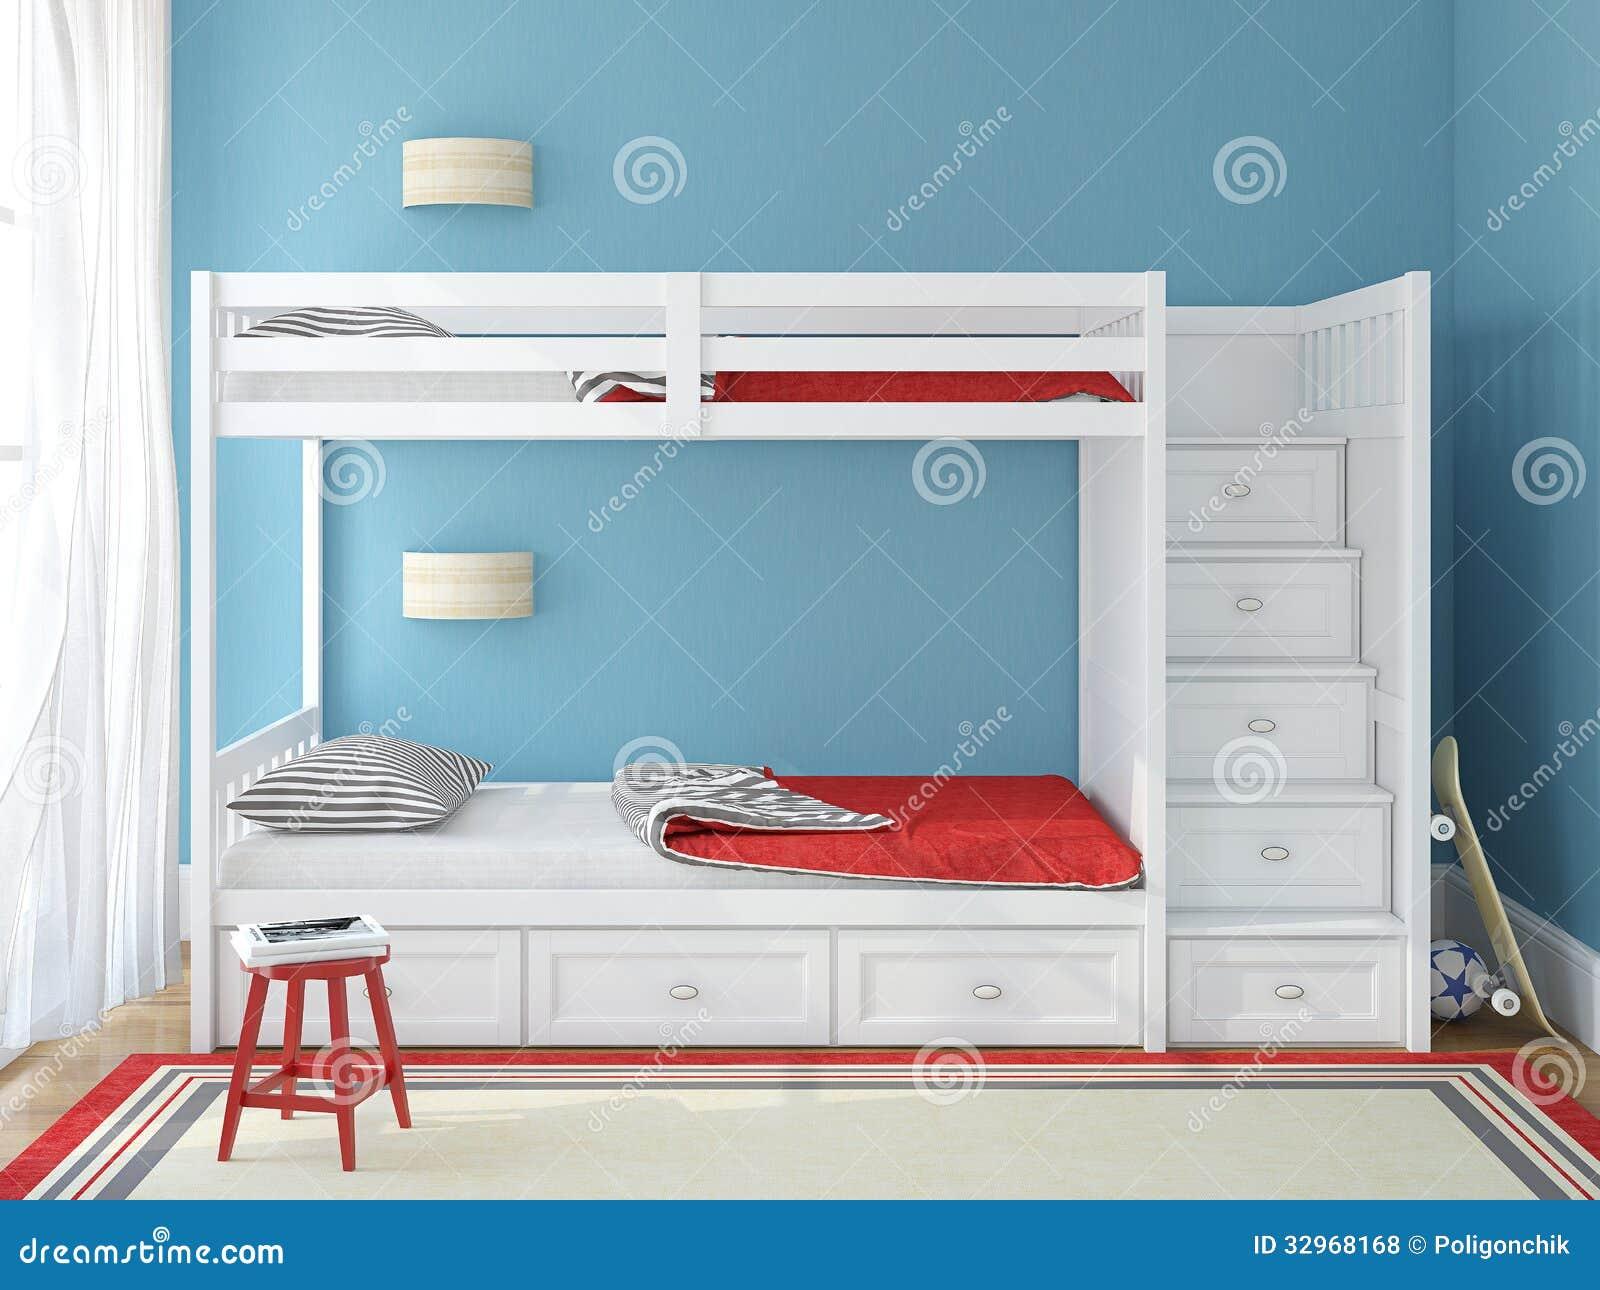 La camera da letto dei bambini illustrazione di stock illustrazione di colorful stanza 32968168 - La camera da letto ...